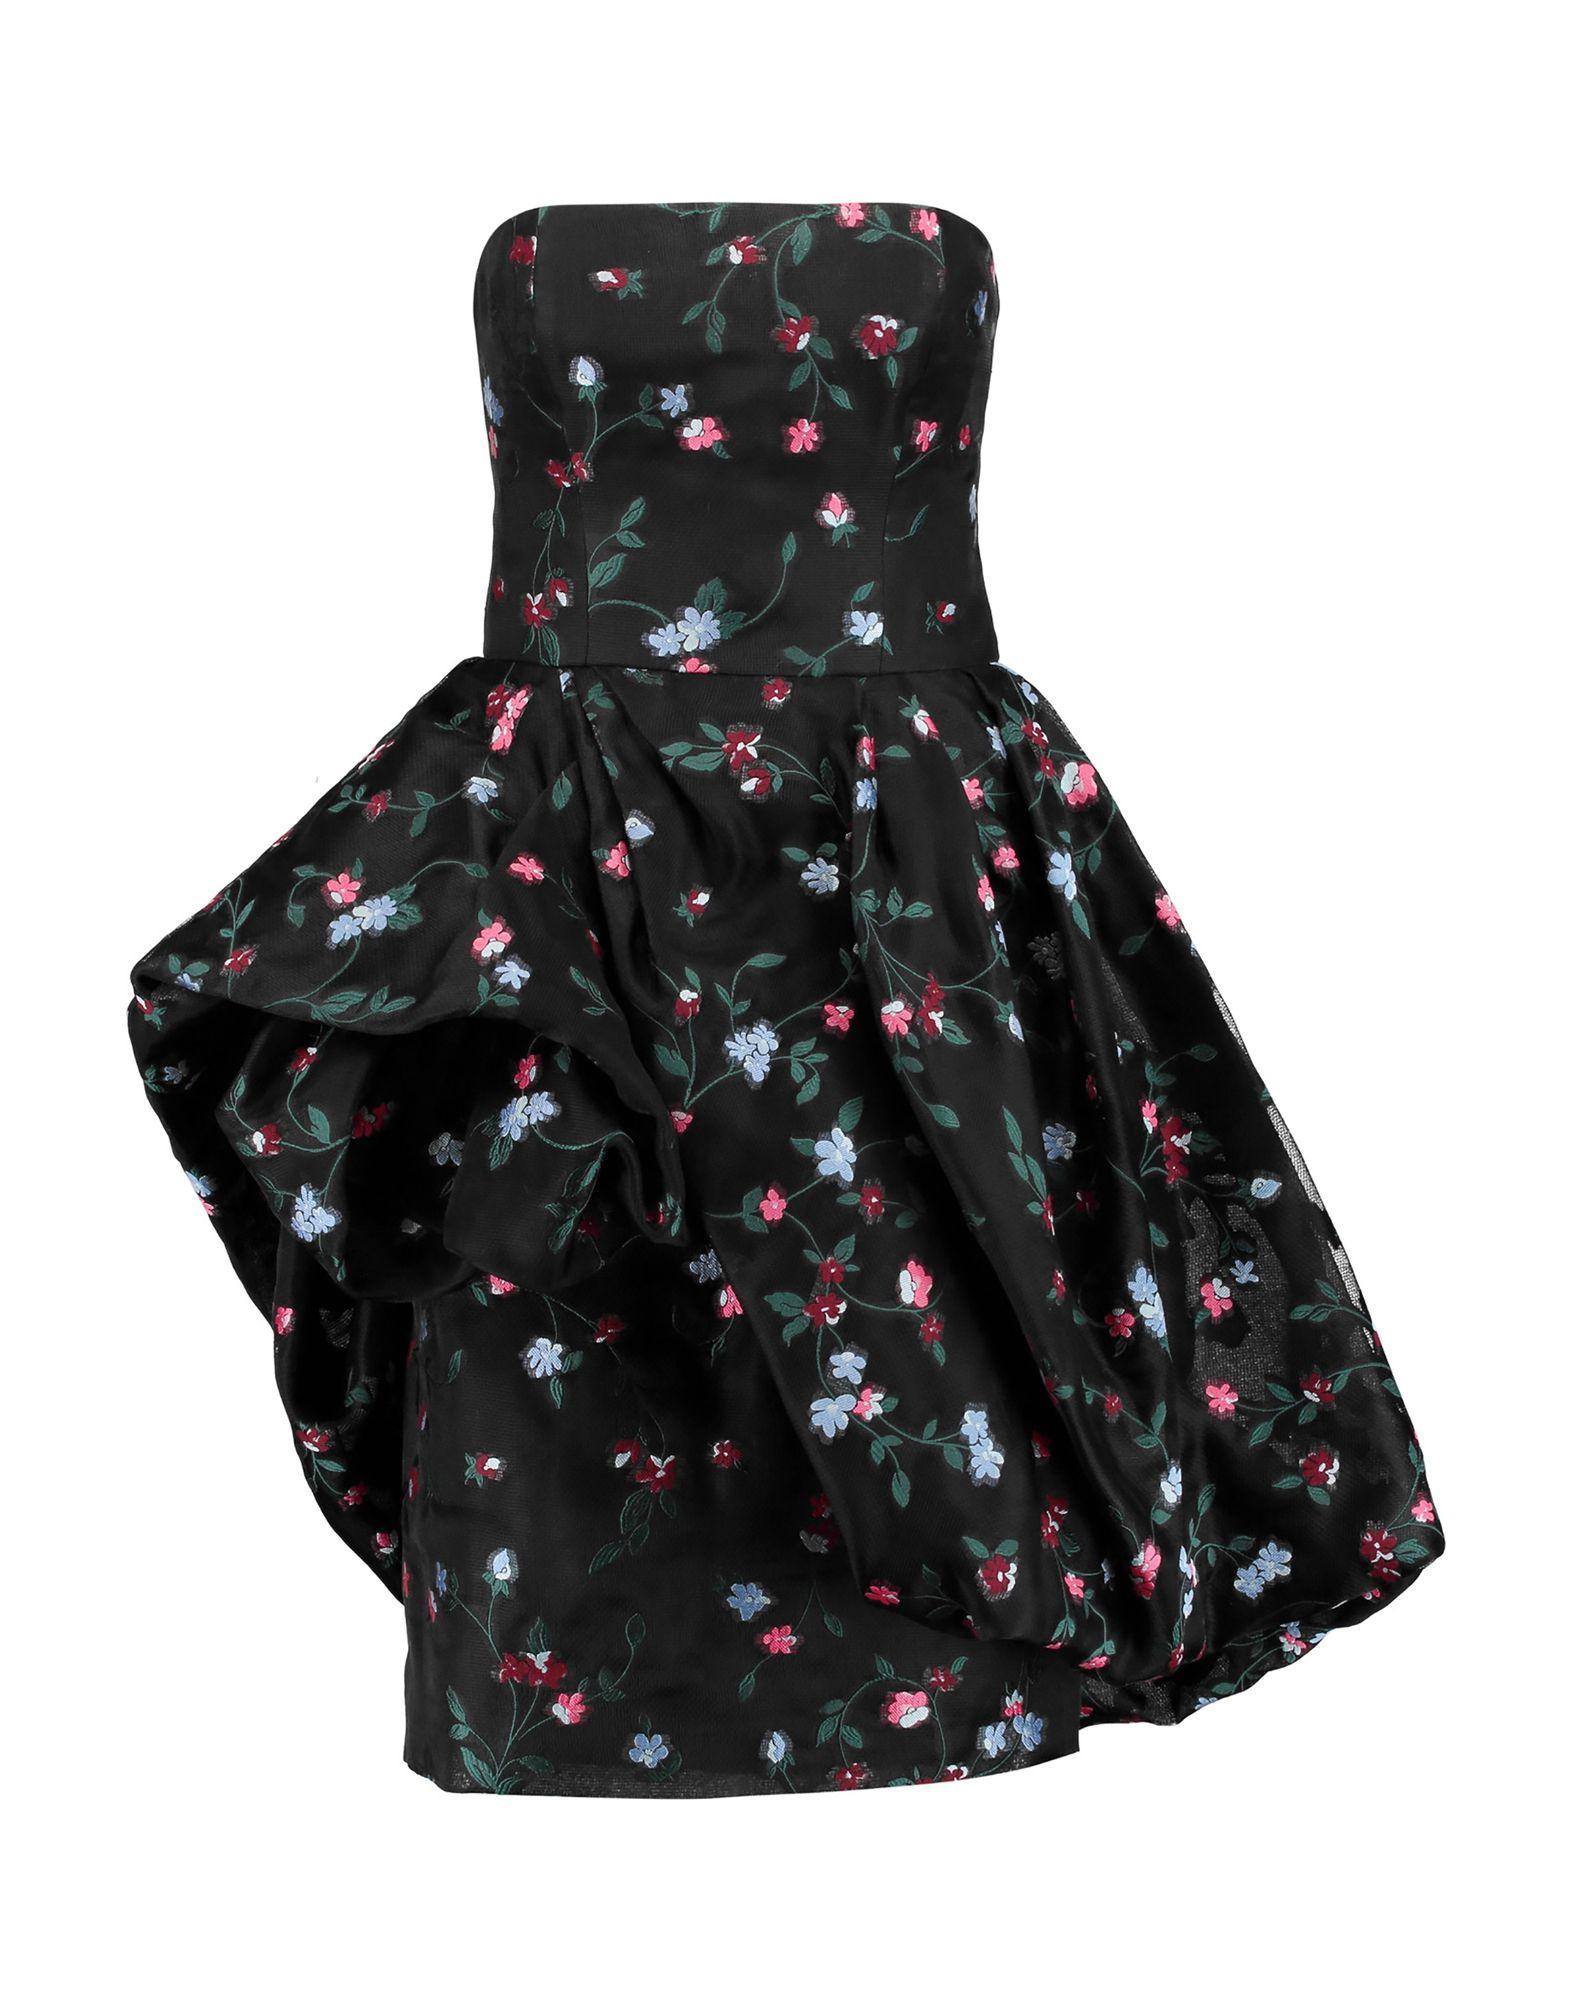 《送料無料》OSCAR DE LA RENTA レディース ミニワンピース&ドレス ブラック 8 ポリエステル 100%